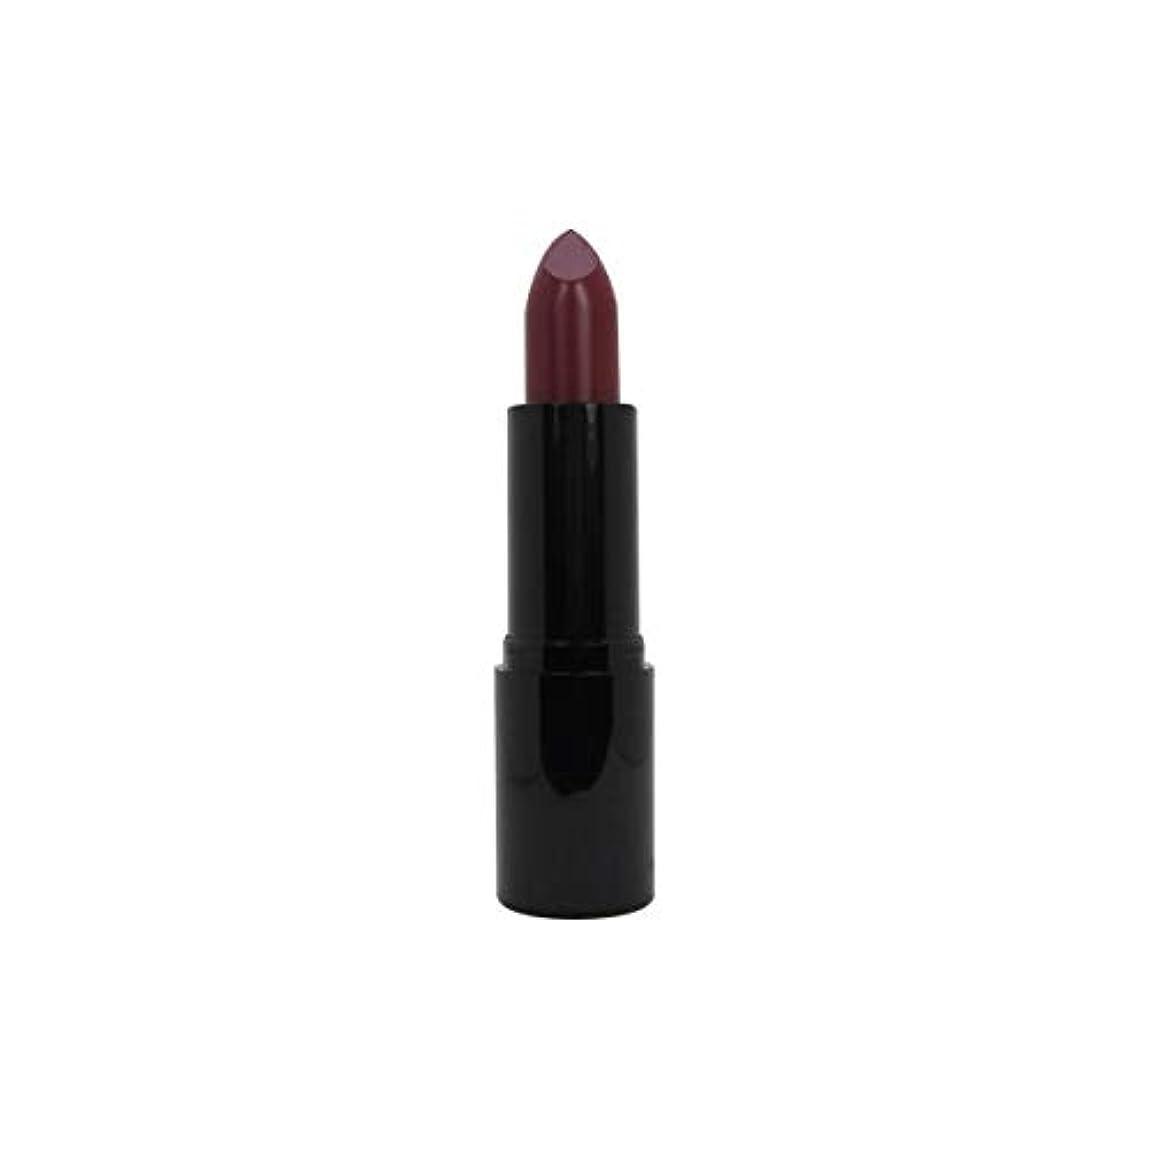 情緒的ショット曲線Skinerie The Collection Lipstick 11 Berry Diva 3,5g